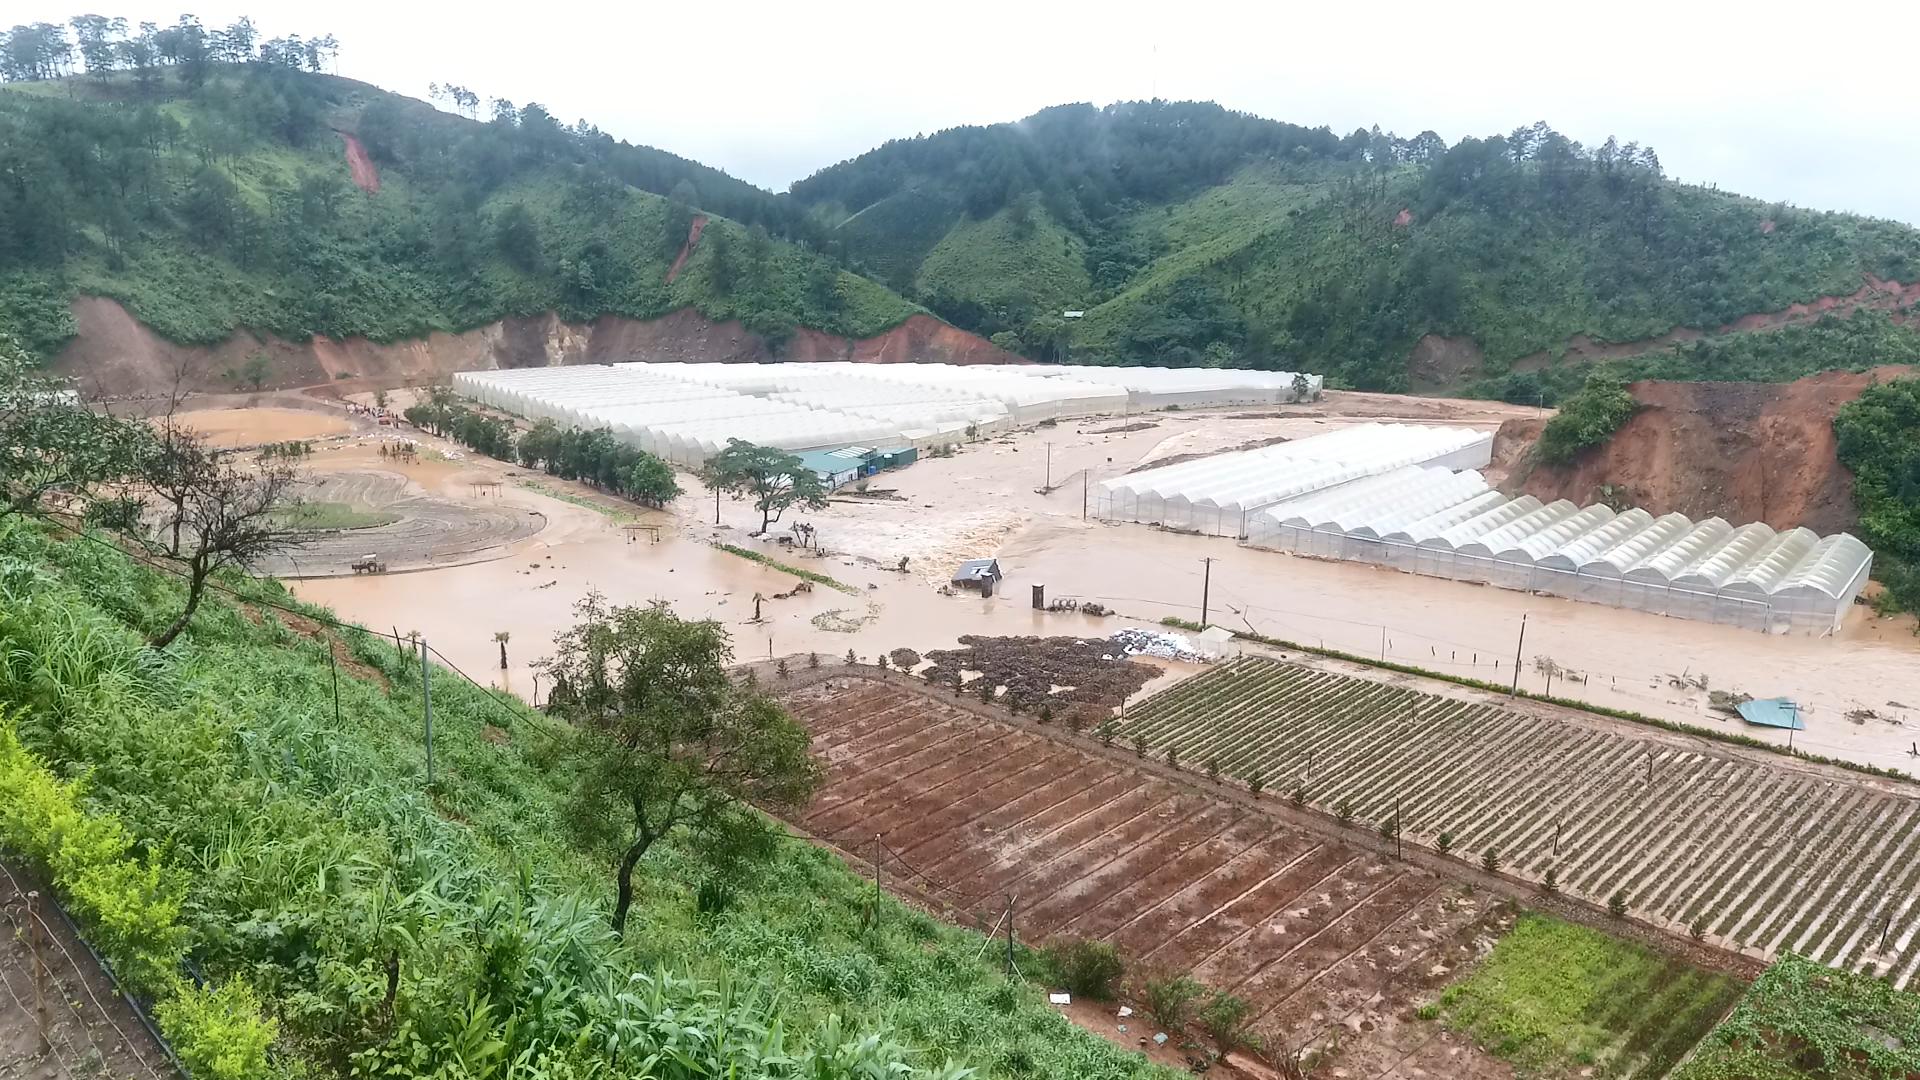 Hơn 15 năm phát triển NNCNC ở Lâm Đồng Bài 2: Không chỉ có lợi thế, còn nhiều vướng mắc khó khăn cho người dân - Ảnh 2.